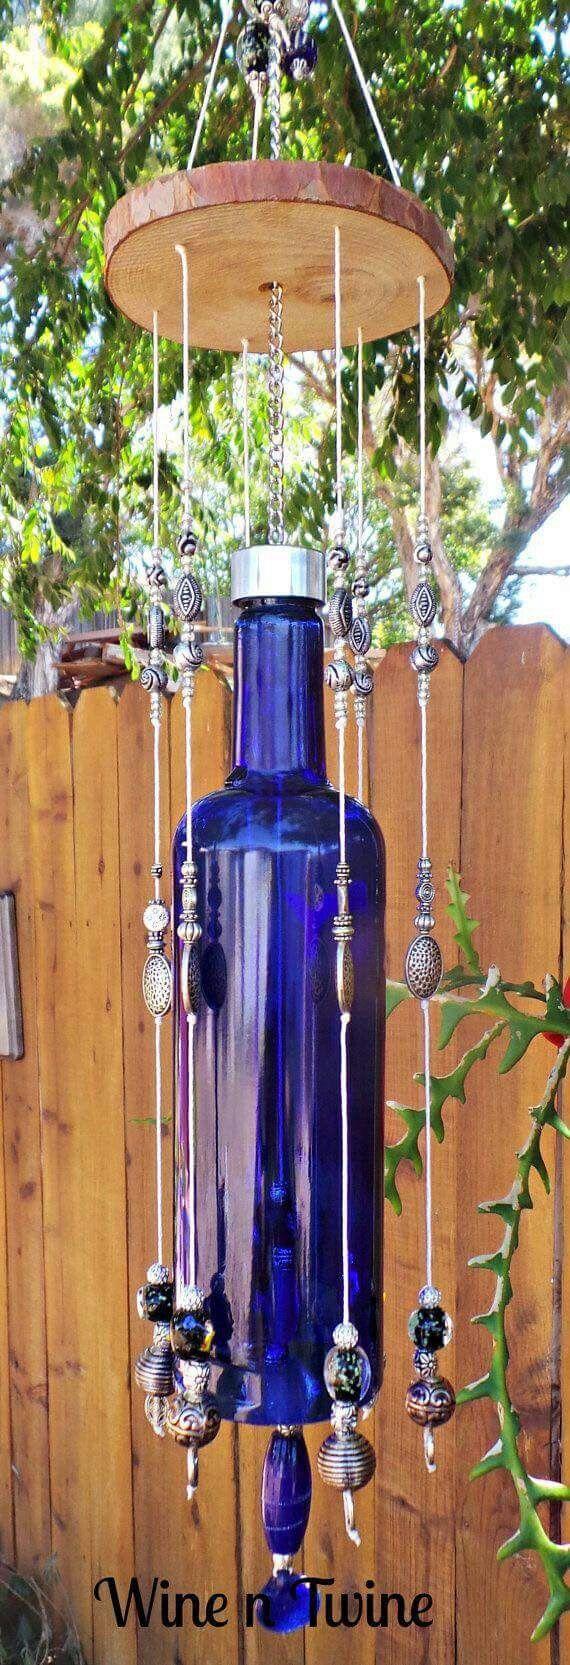 Blue bottle wind chimes